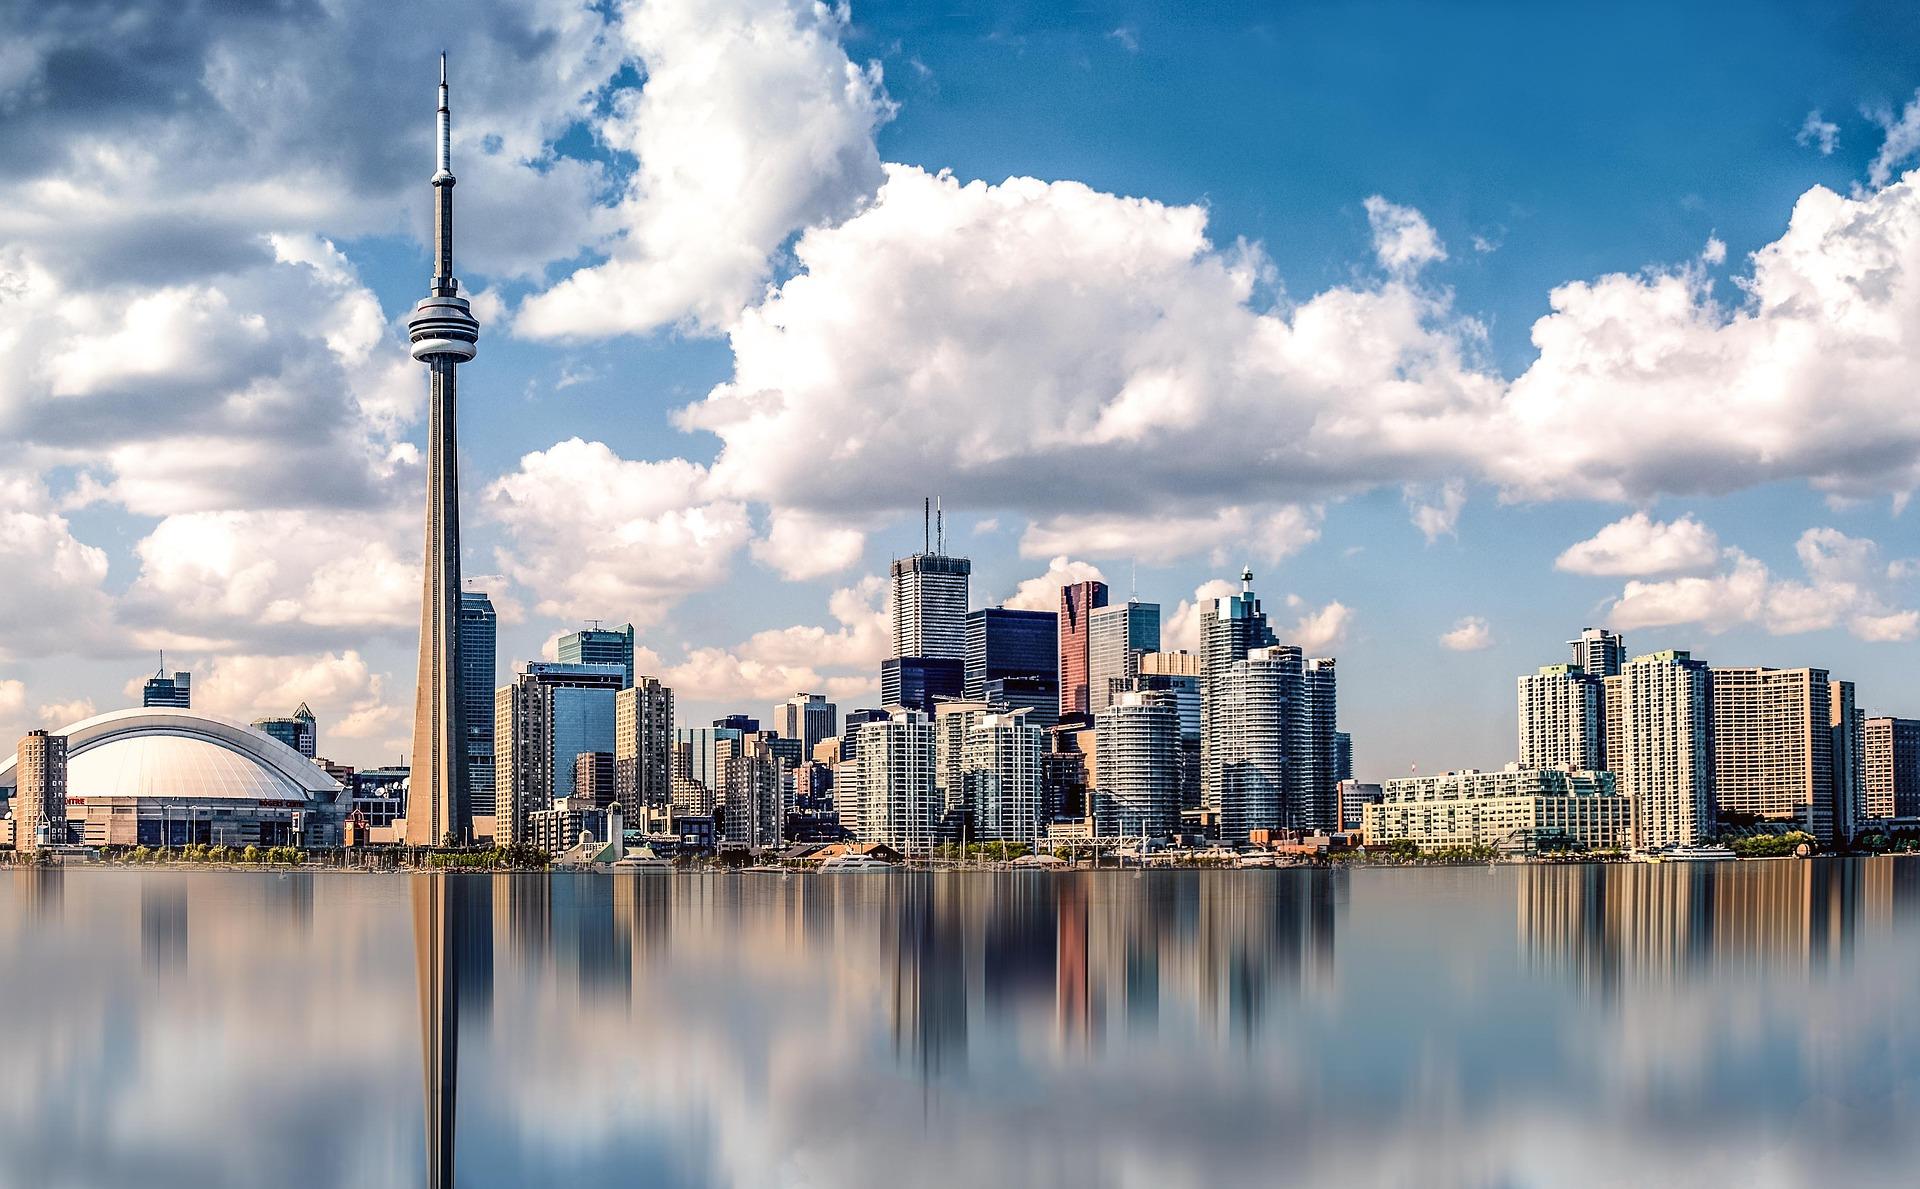 טסים לקנדה בדרך הנוחה ביותר